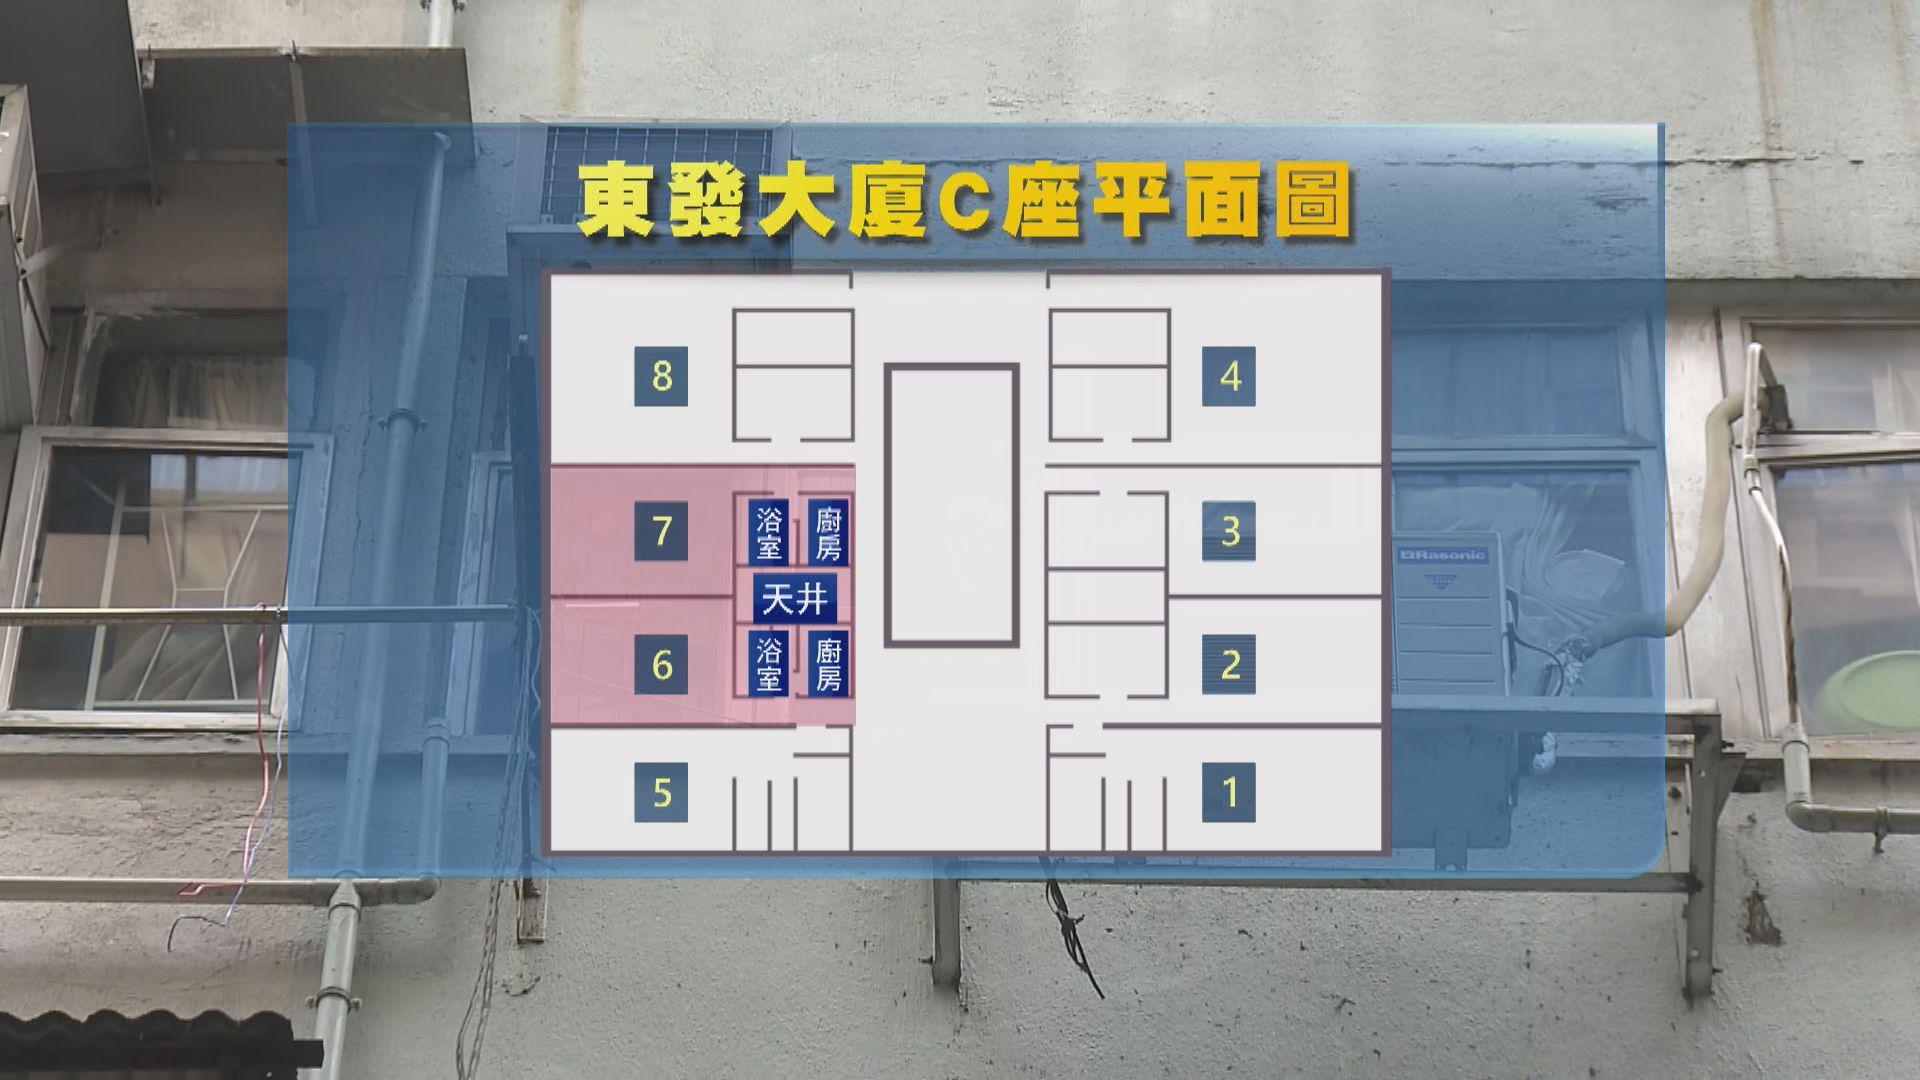 北角東發大廈C座6和7號室共同天井 相關住戶須撤離